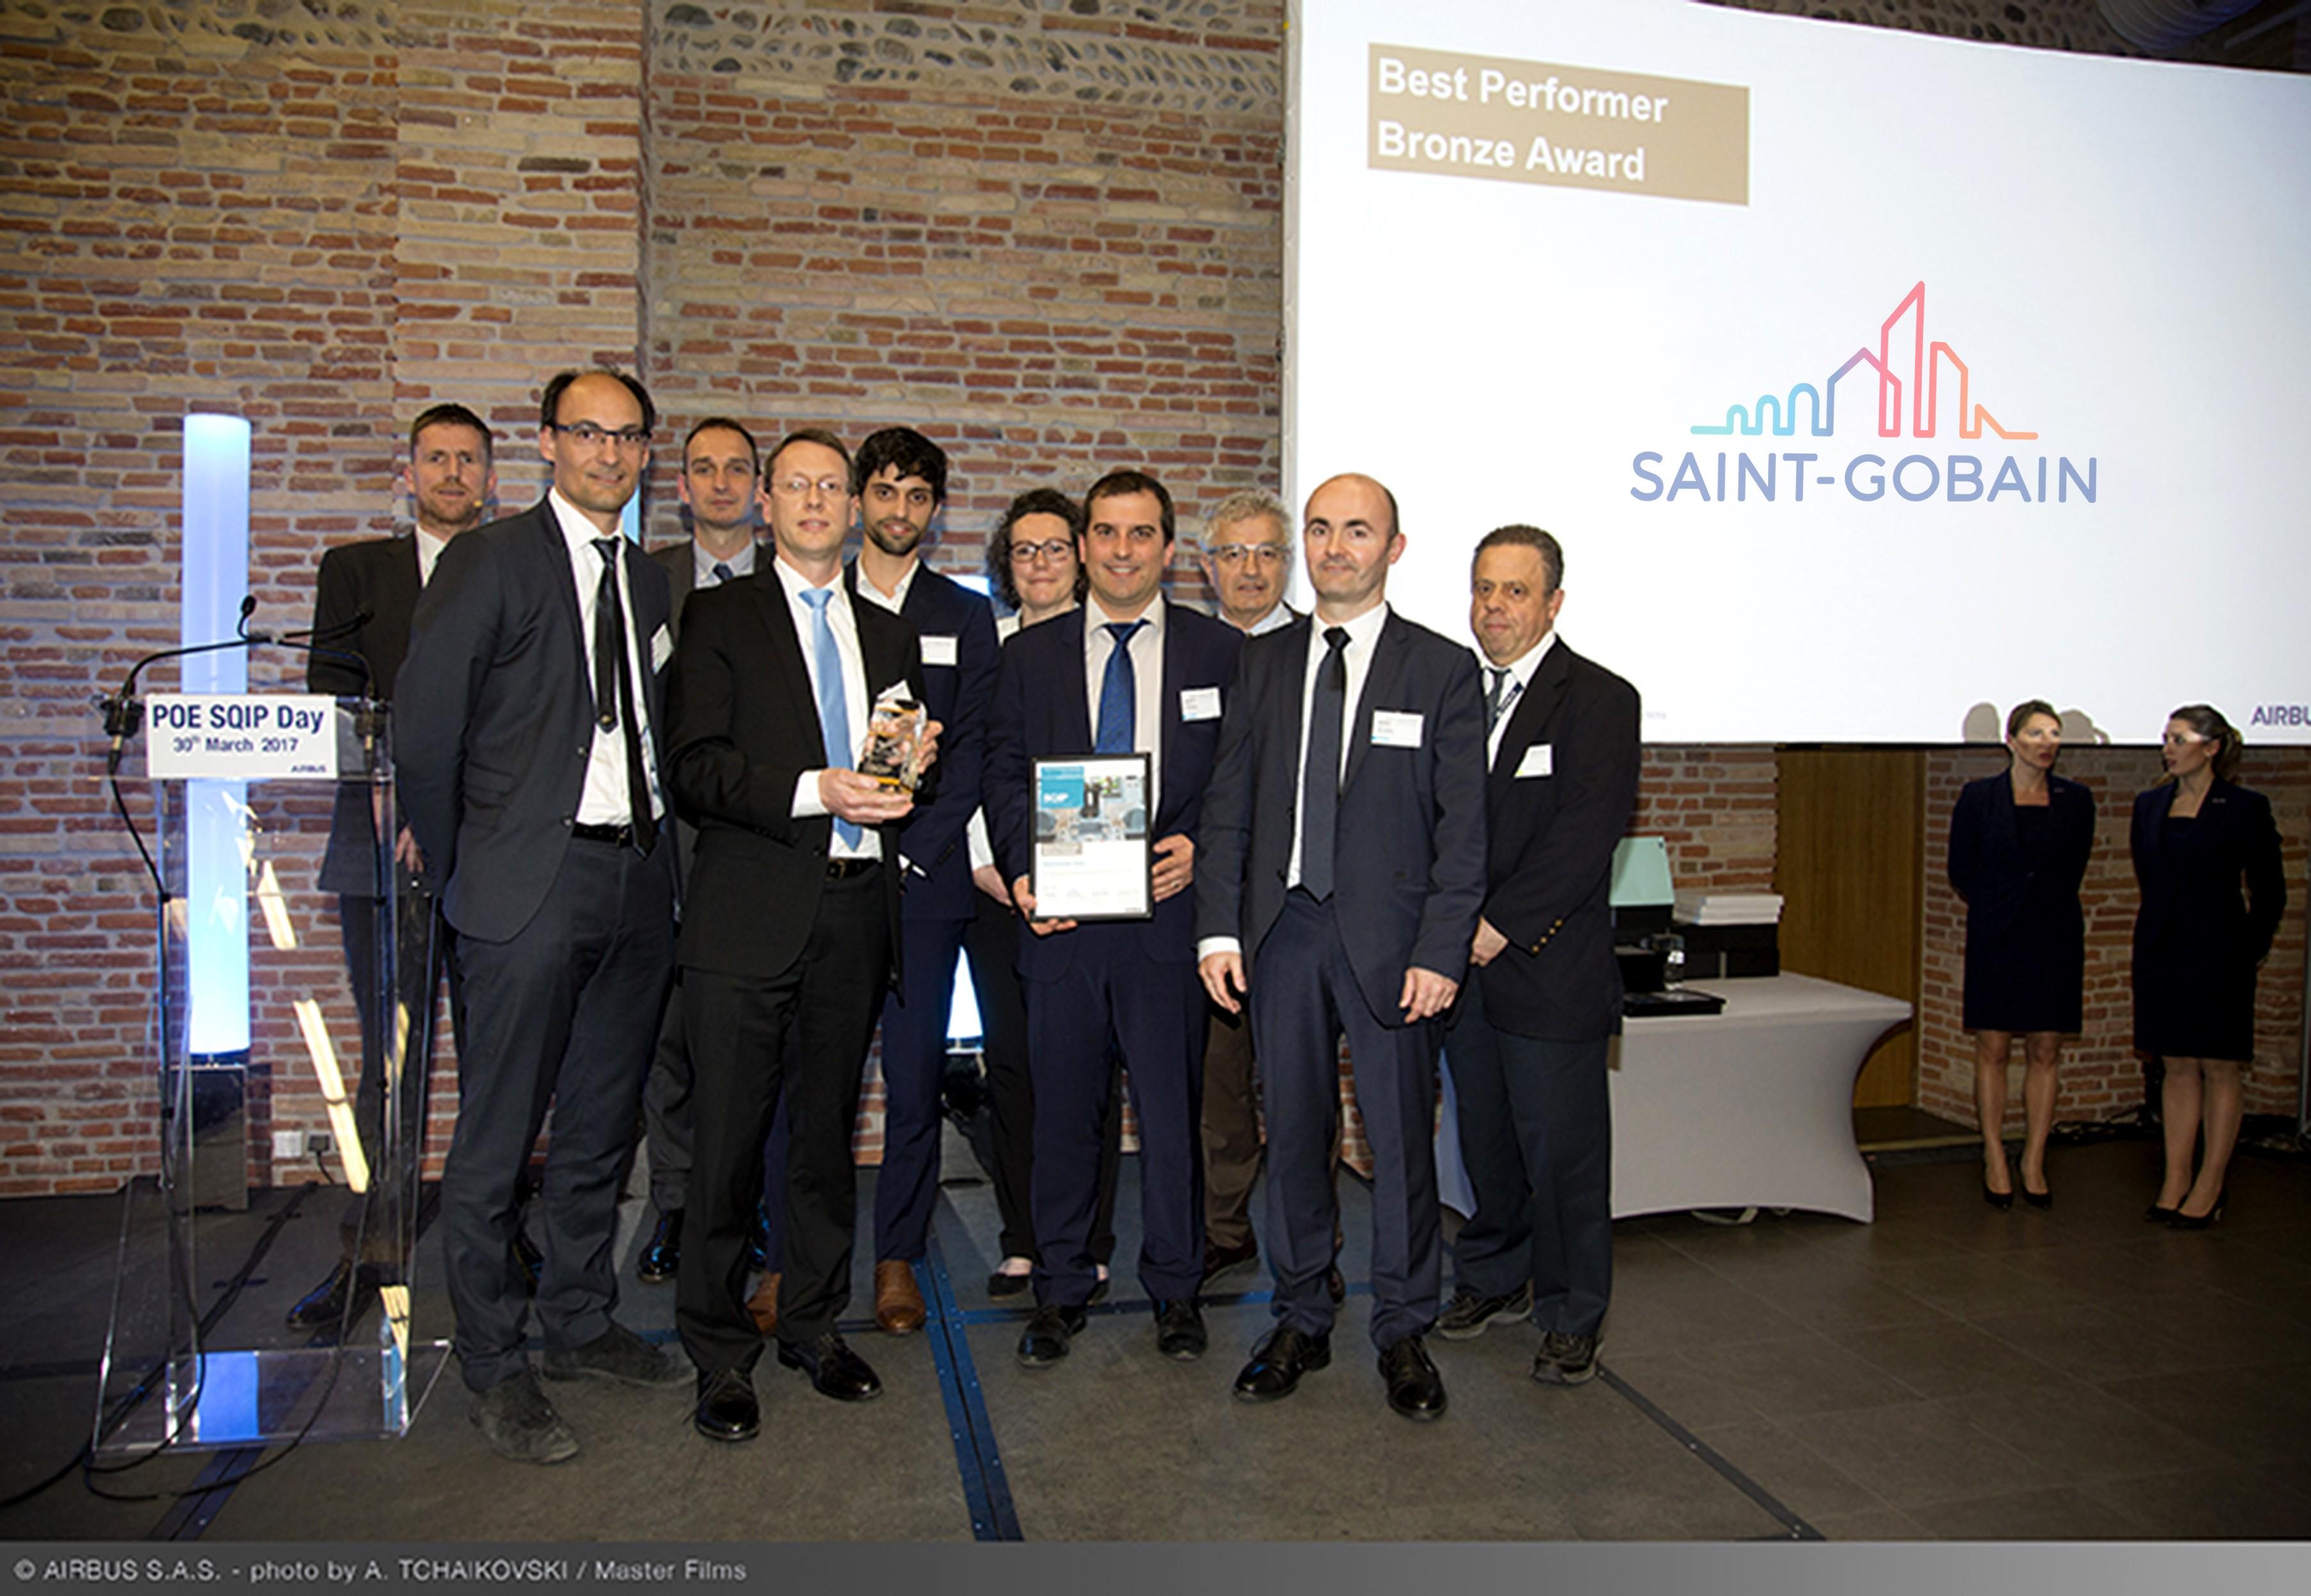 Award | Saint-Gobain